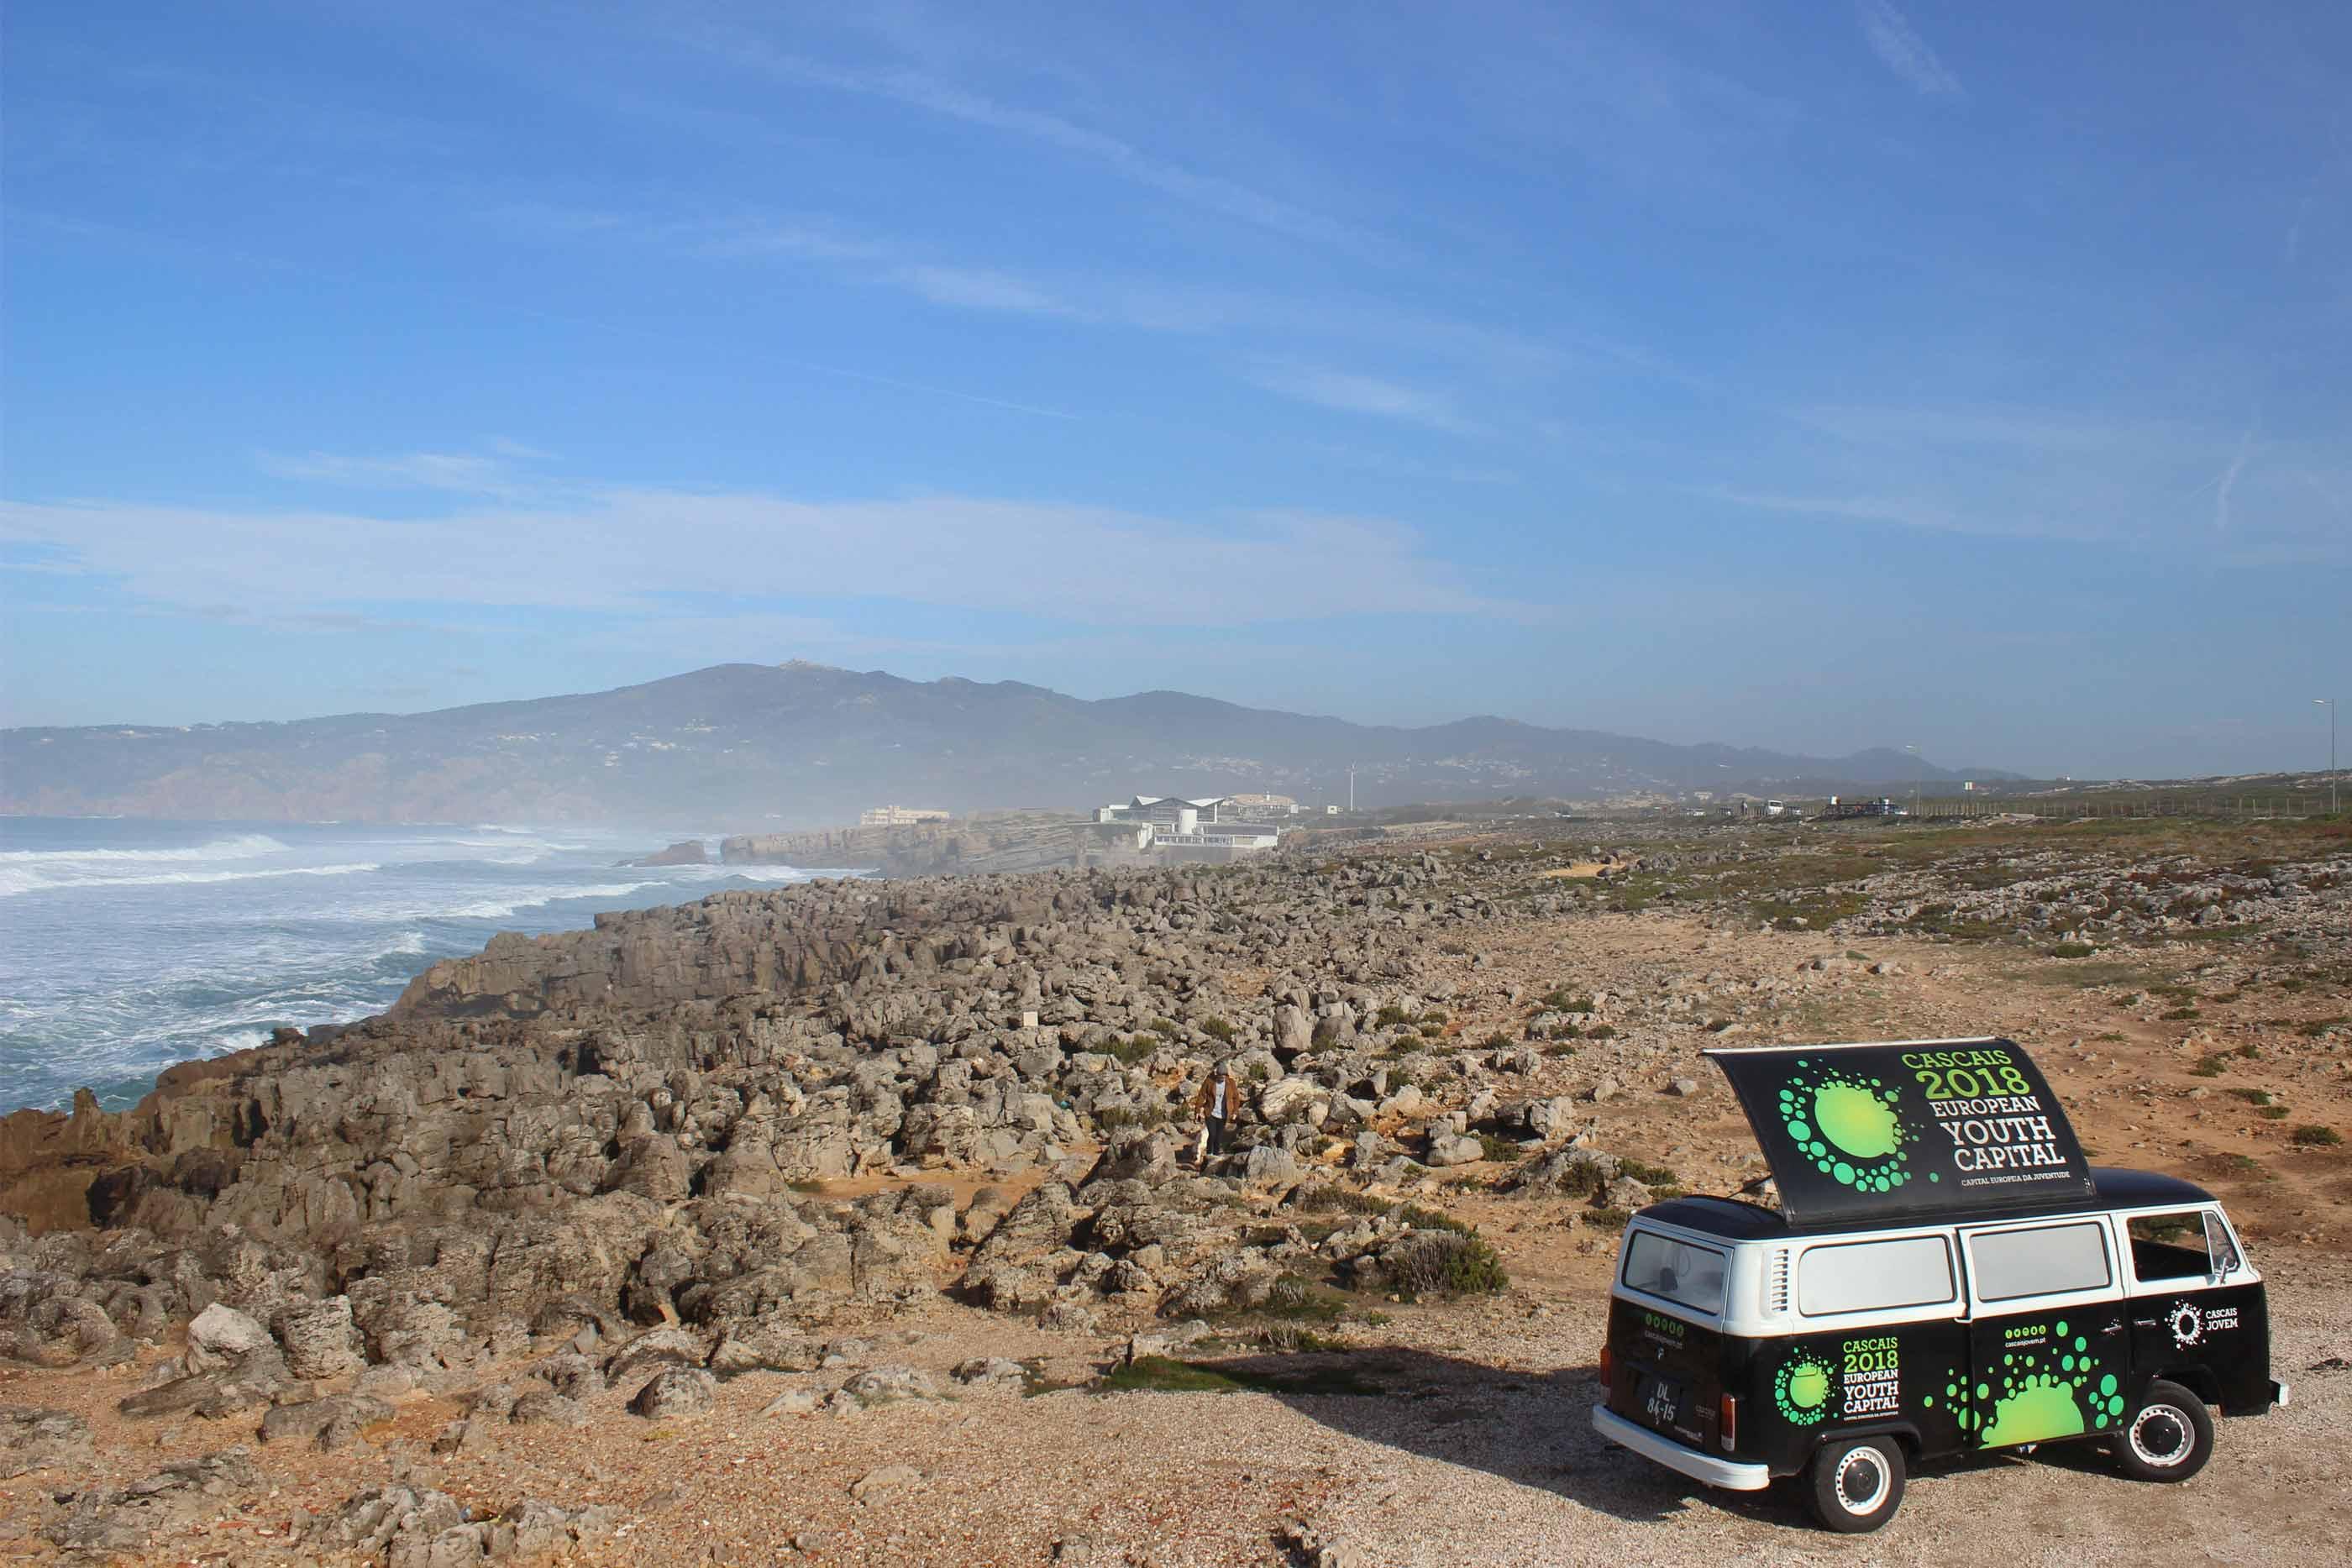 Camioneta da Capital Europeia da Juventude 2018 parada ao pé da Praia do Guincho